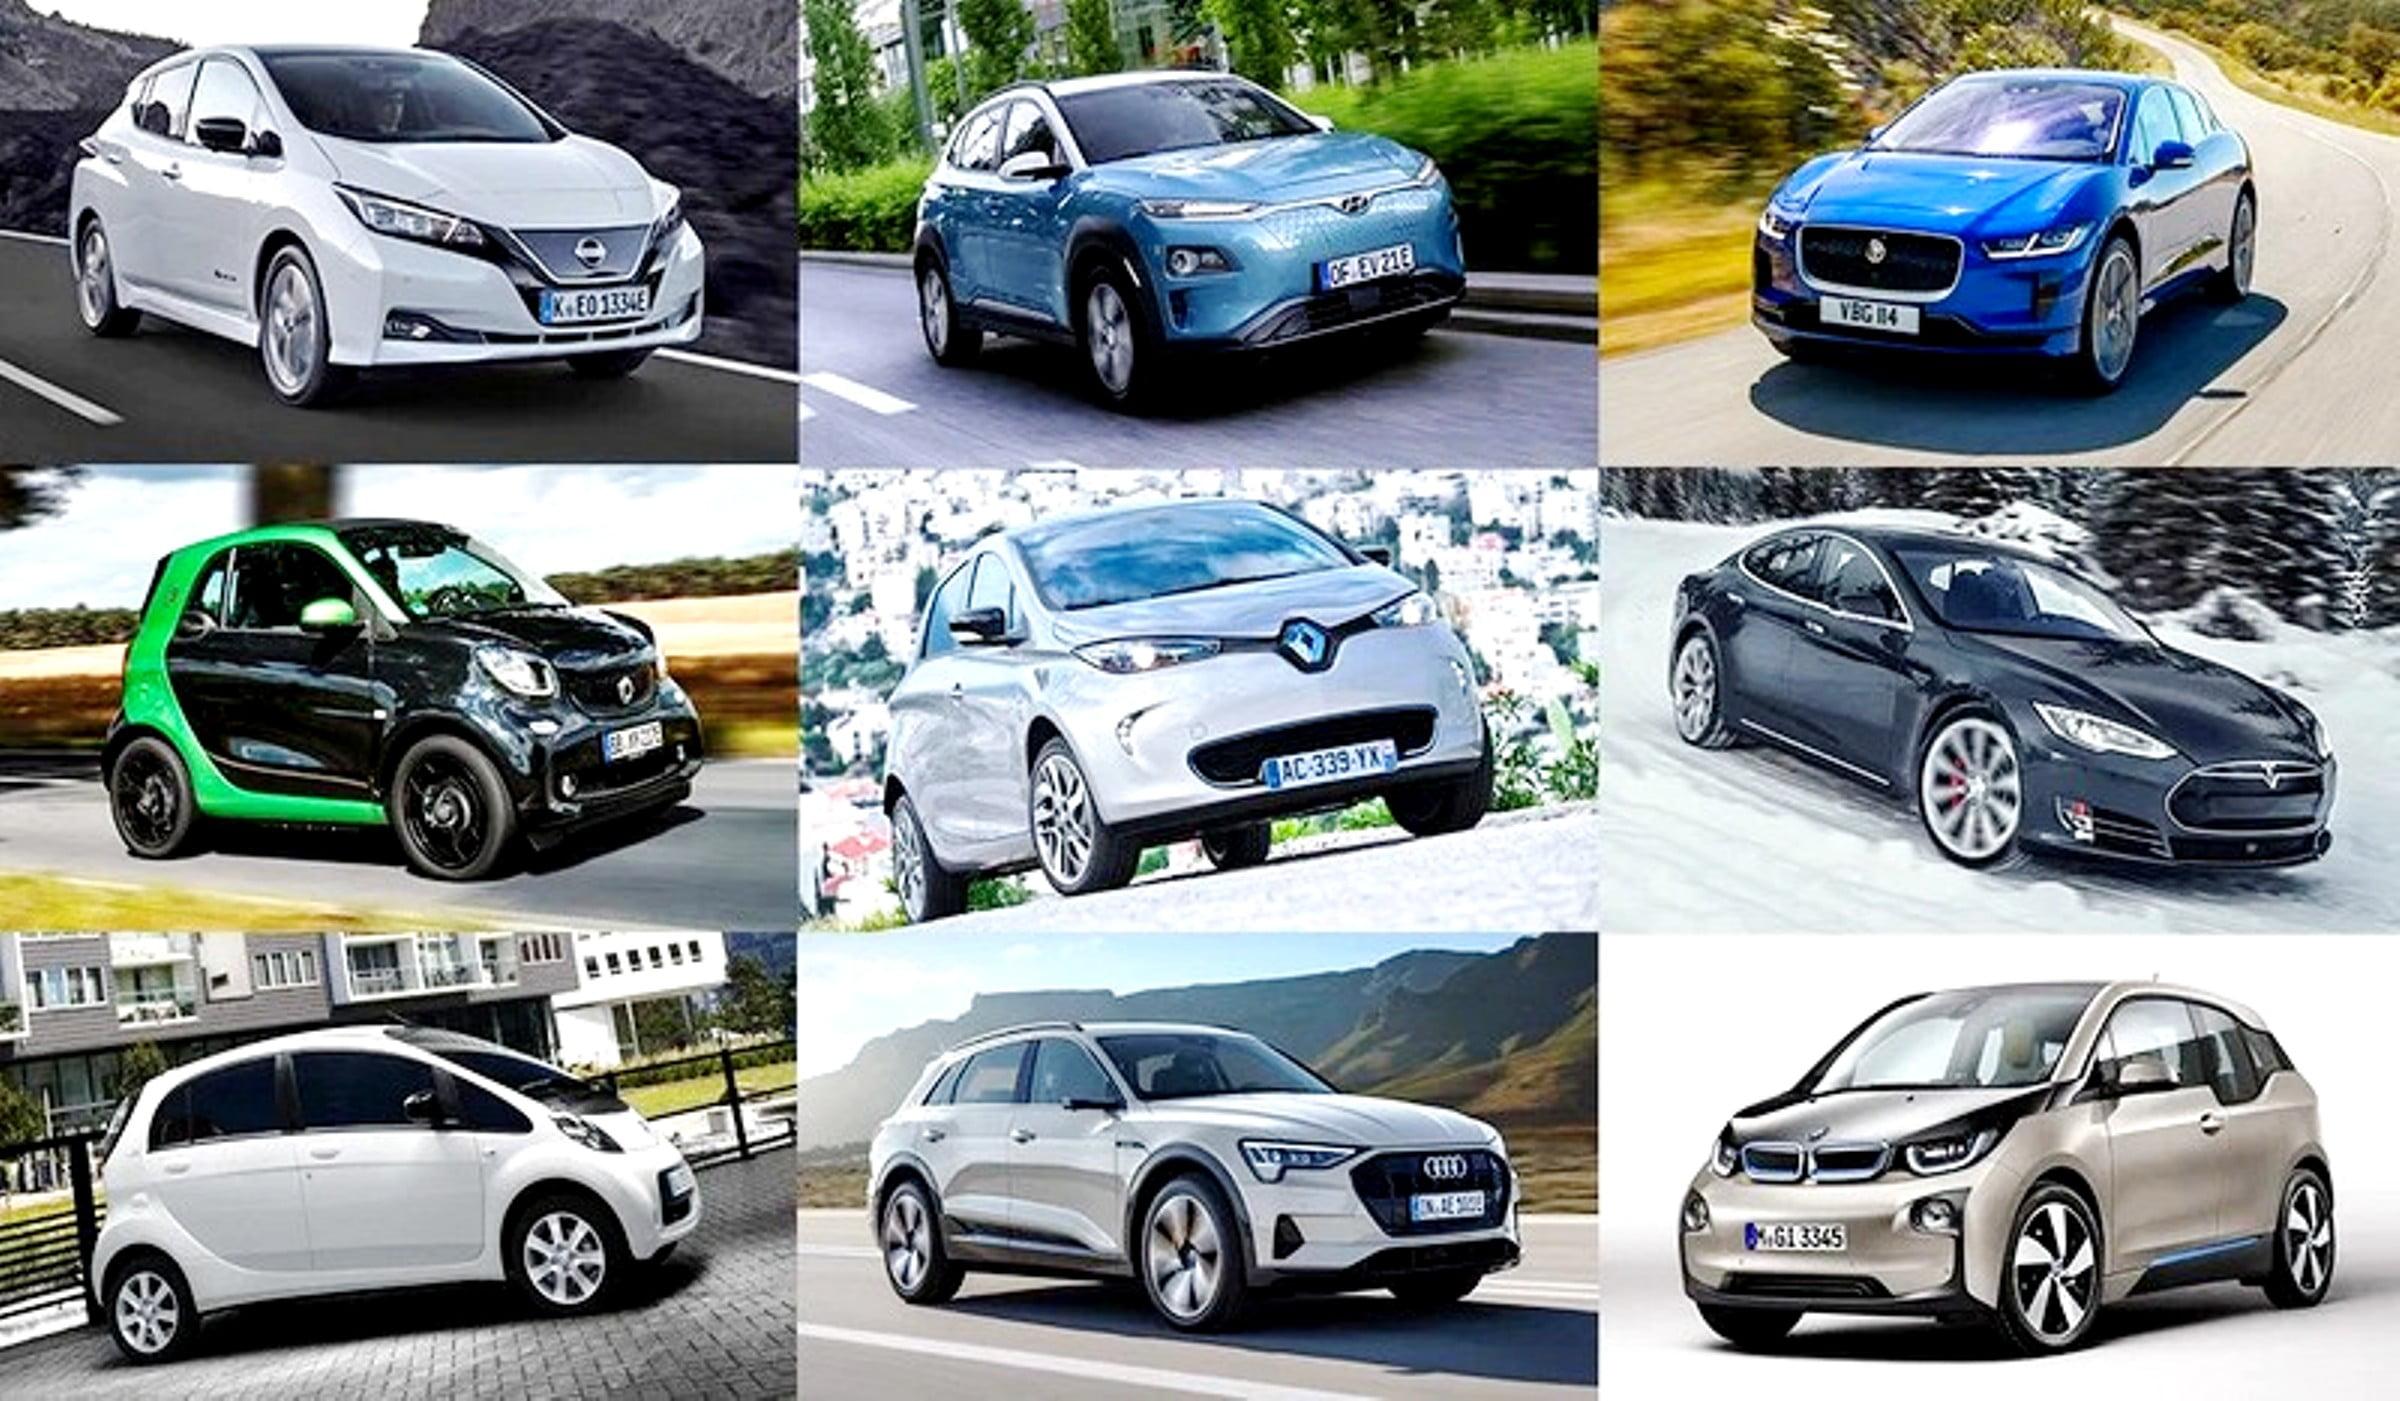 Η εξαιρετικά περιορισμένη αυτονομία των ηλεκτρικών αυτοκινήτων: σύμπτωση ή πρόθεση;